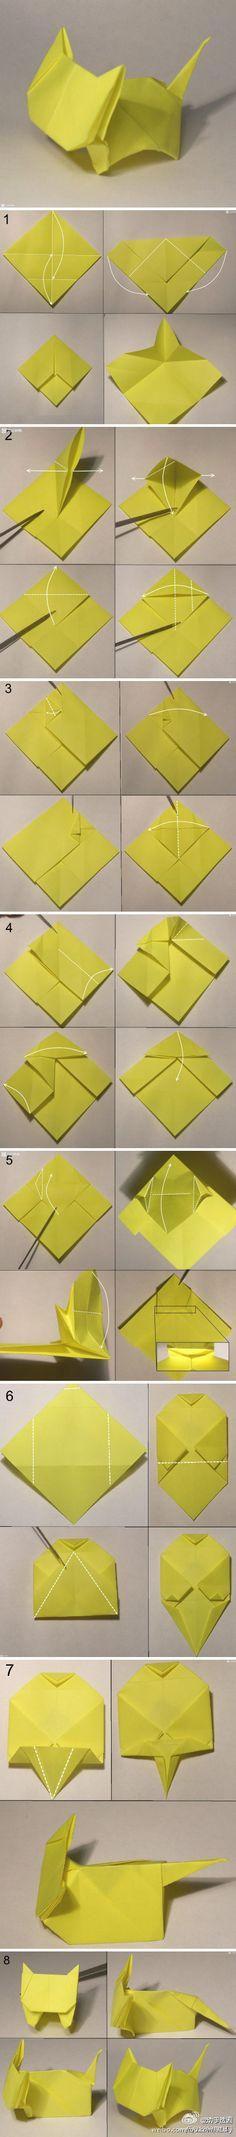 【可爱小猫折纸】 Kitten Origami